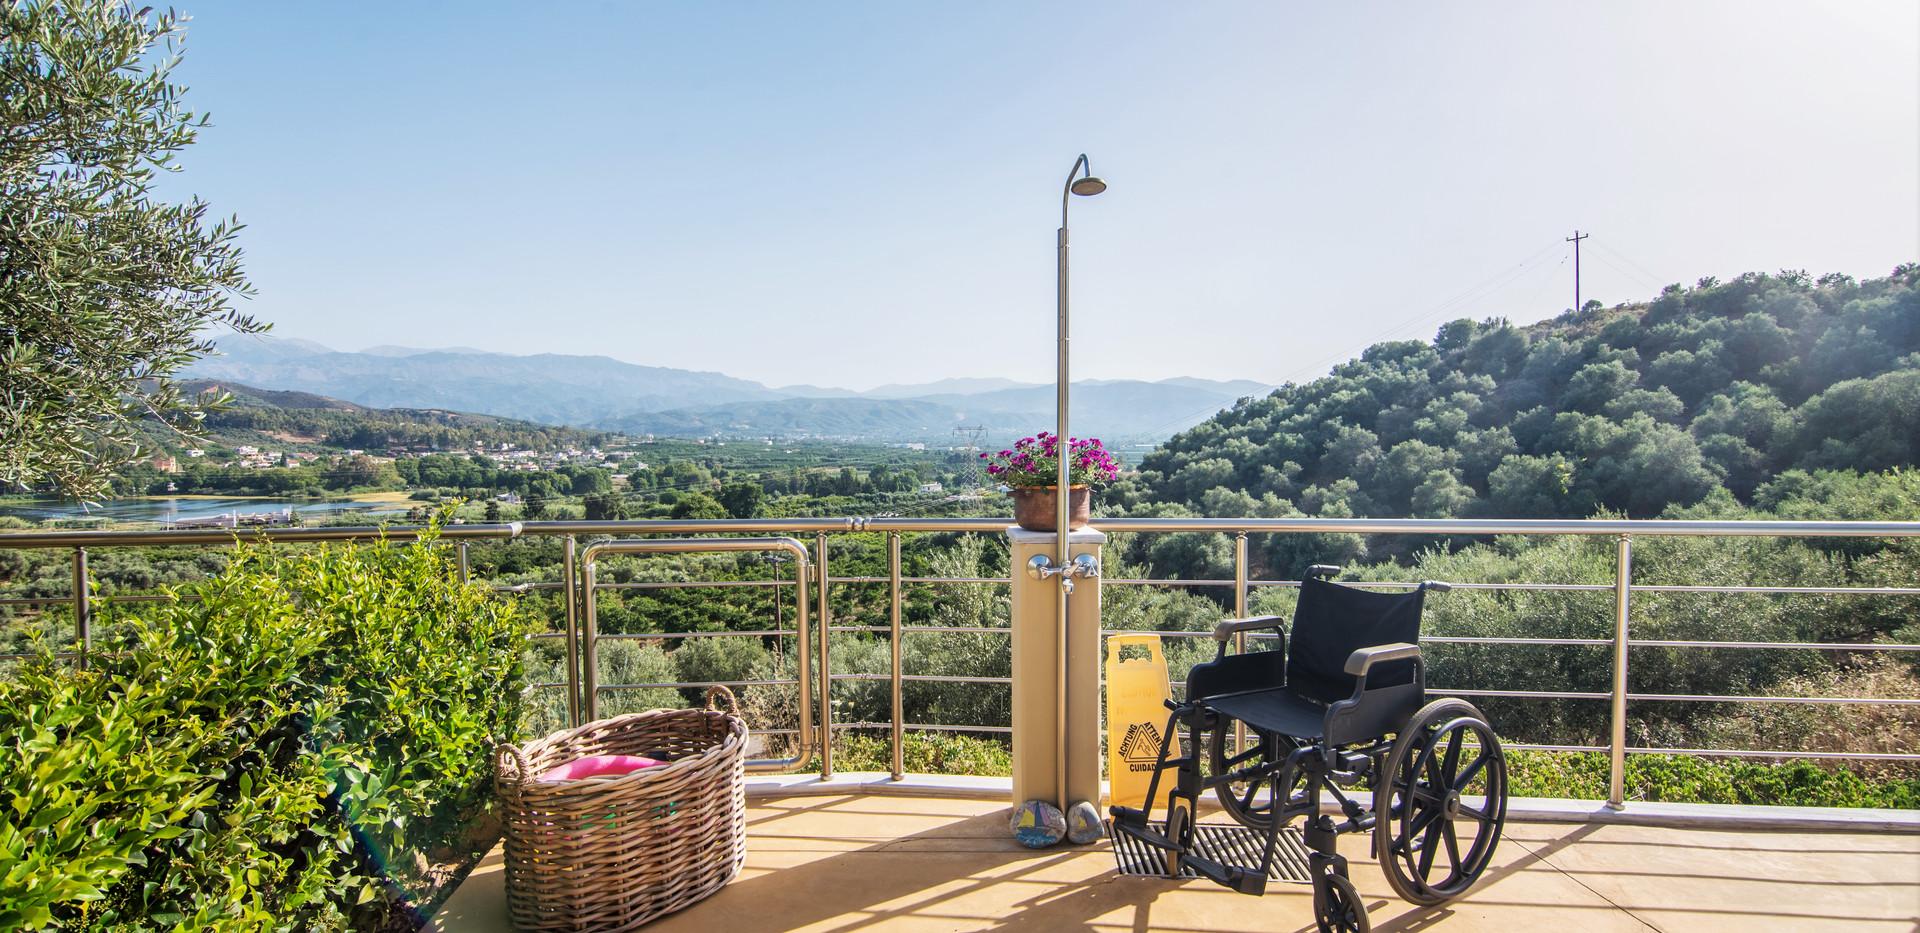 Blick von der Terrasse der Unterkunft